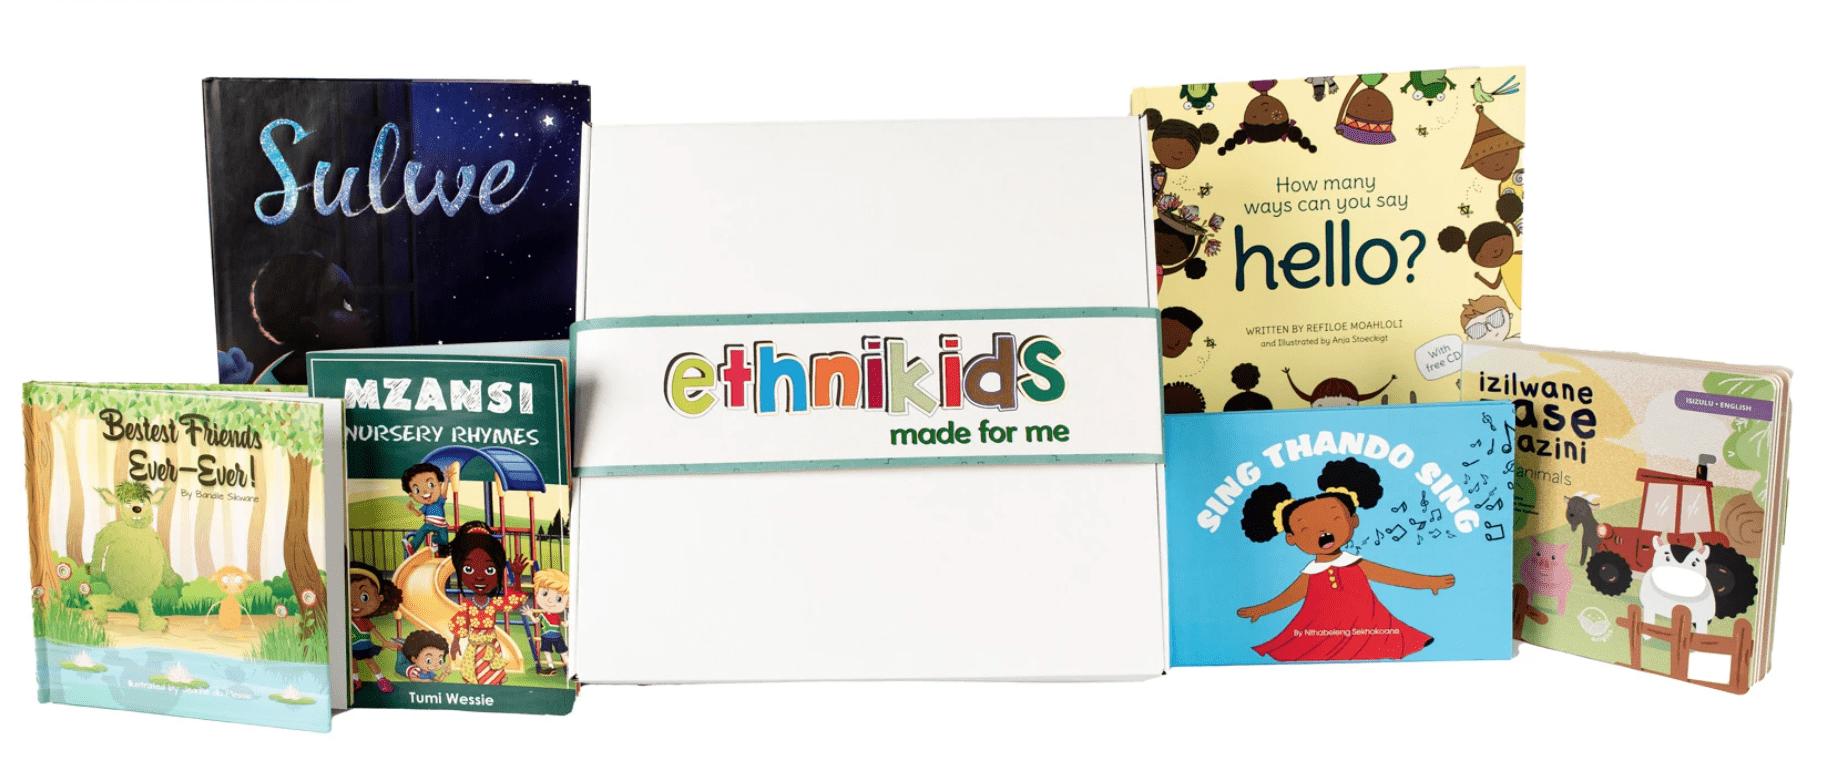 Ethnikids Childrens Books That Encourage Diversity